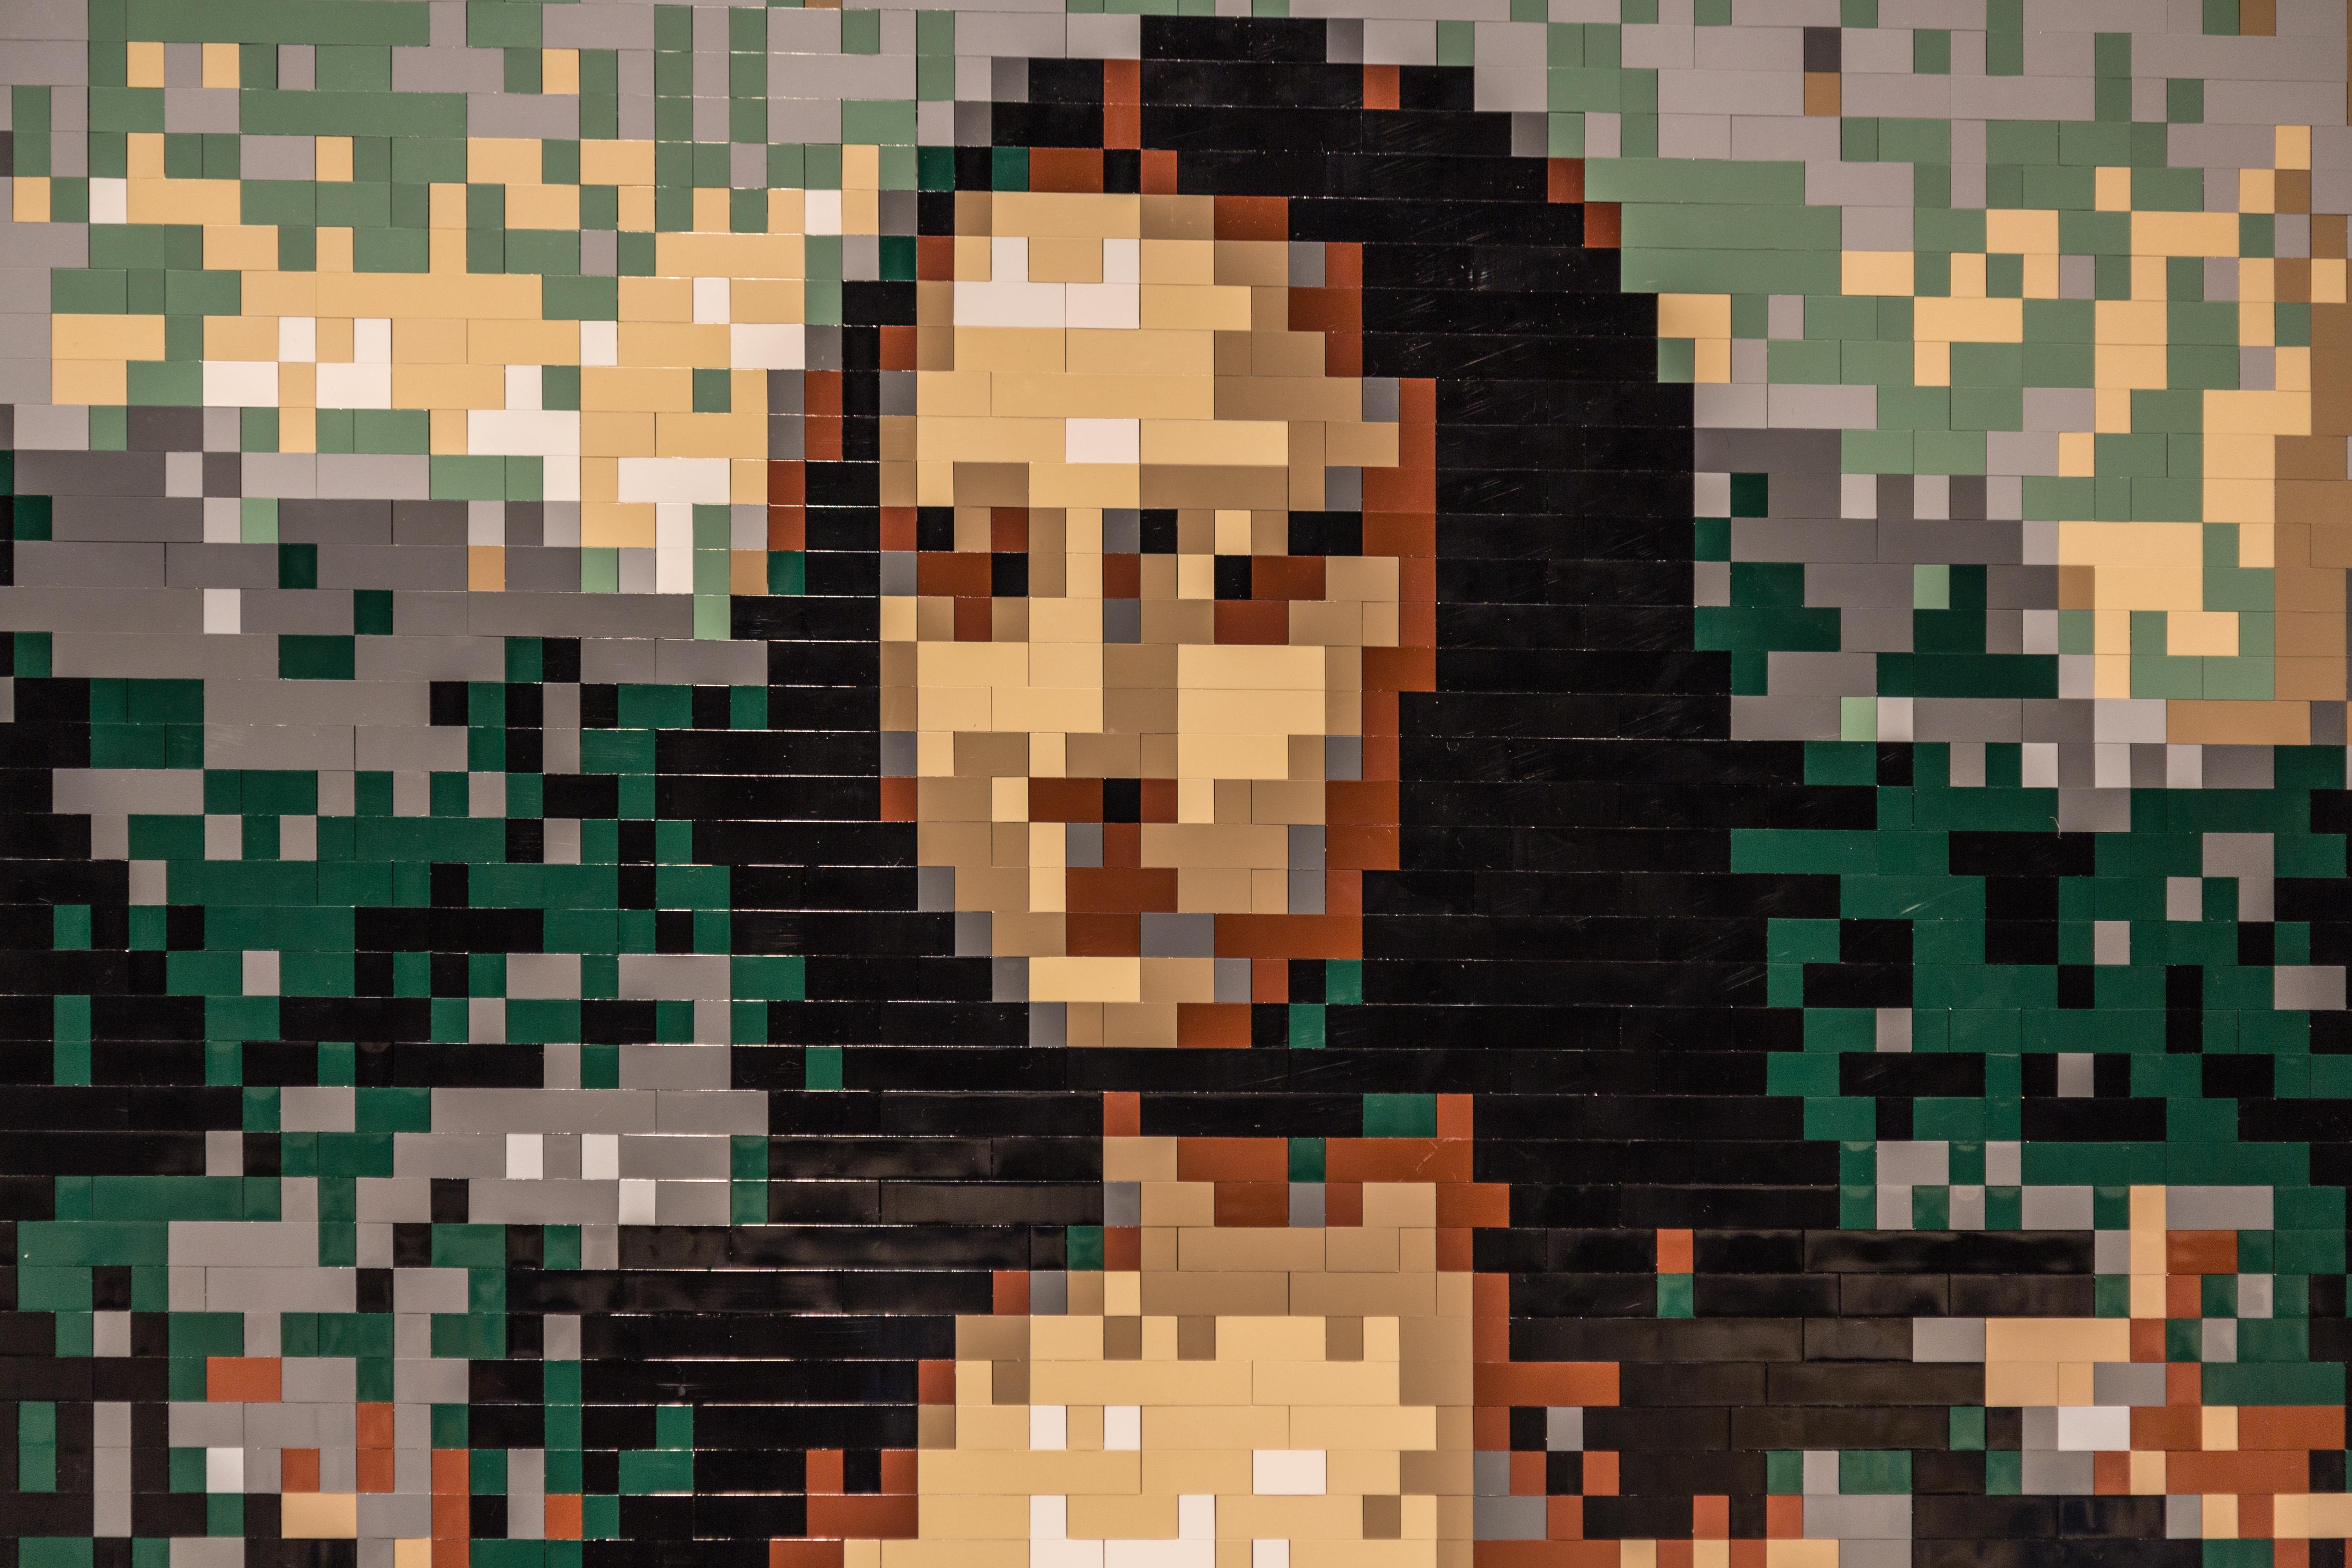 топливо сделать пиксельную фотографию жителей